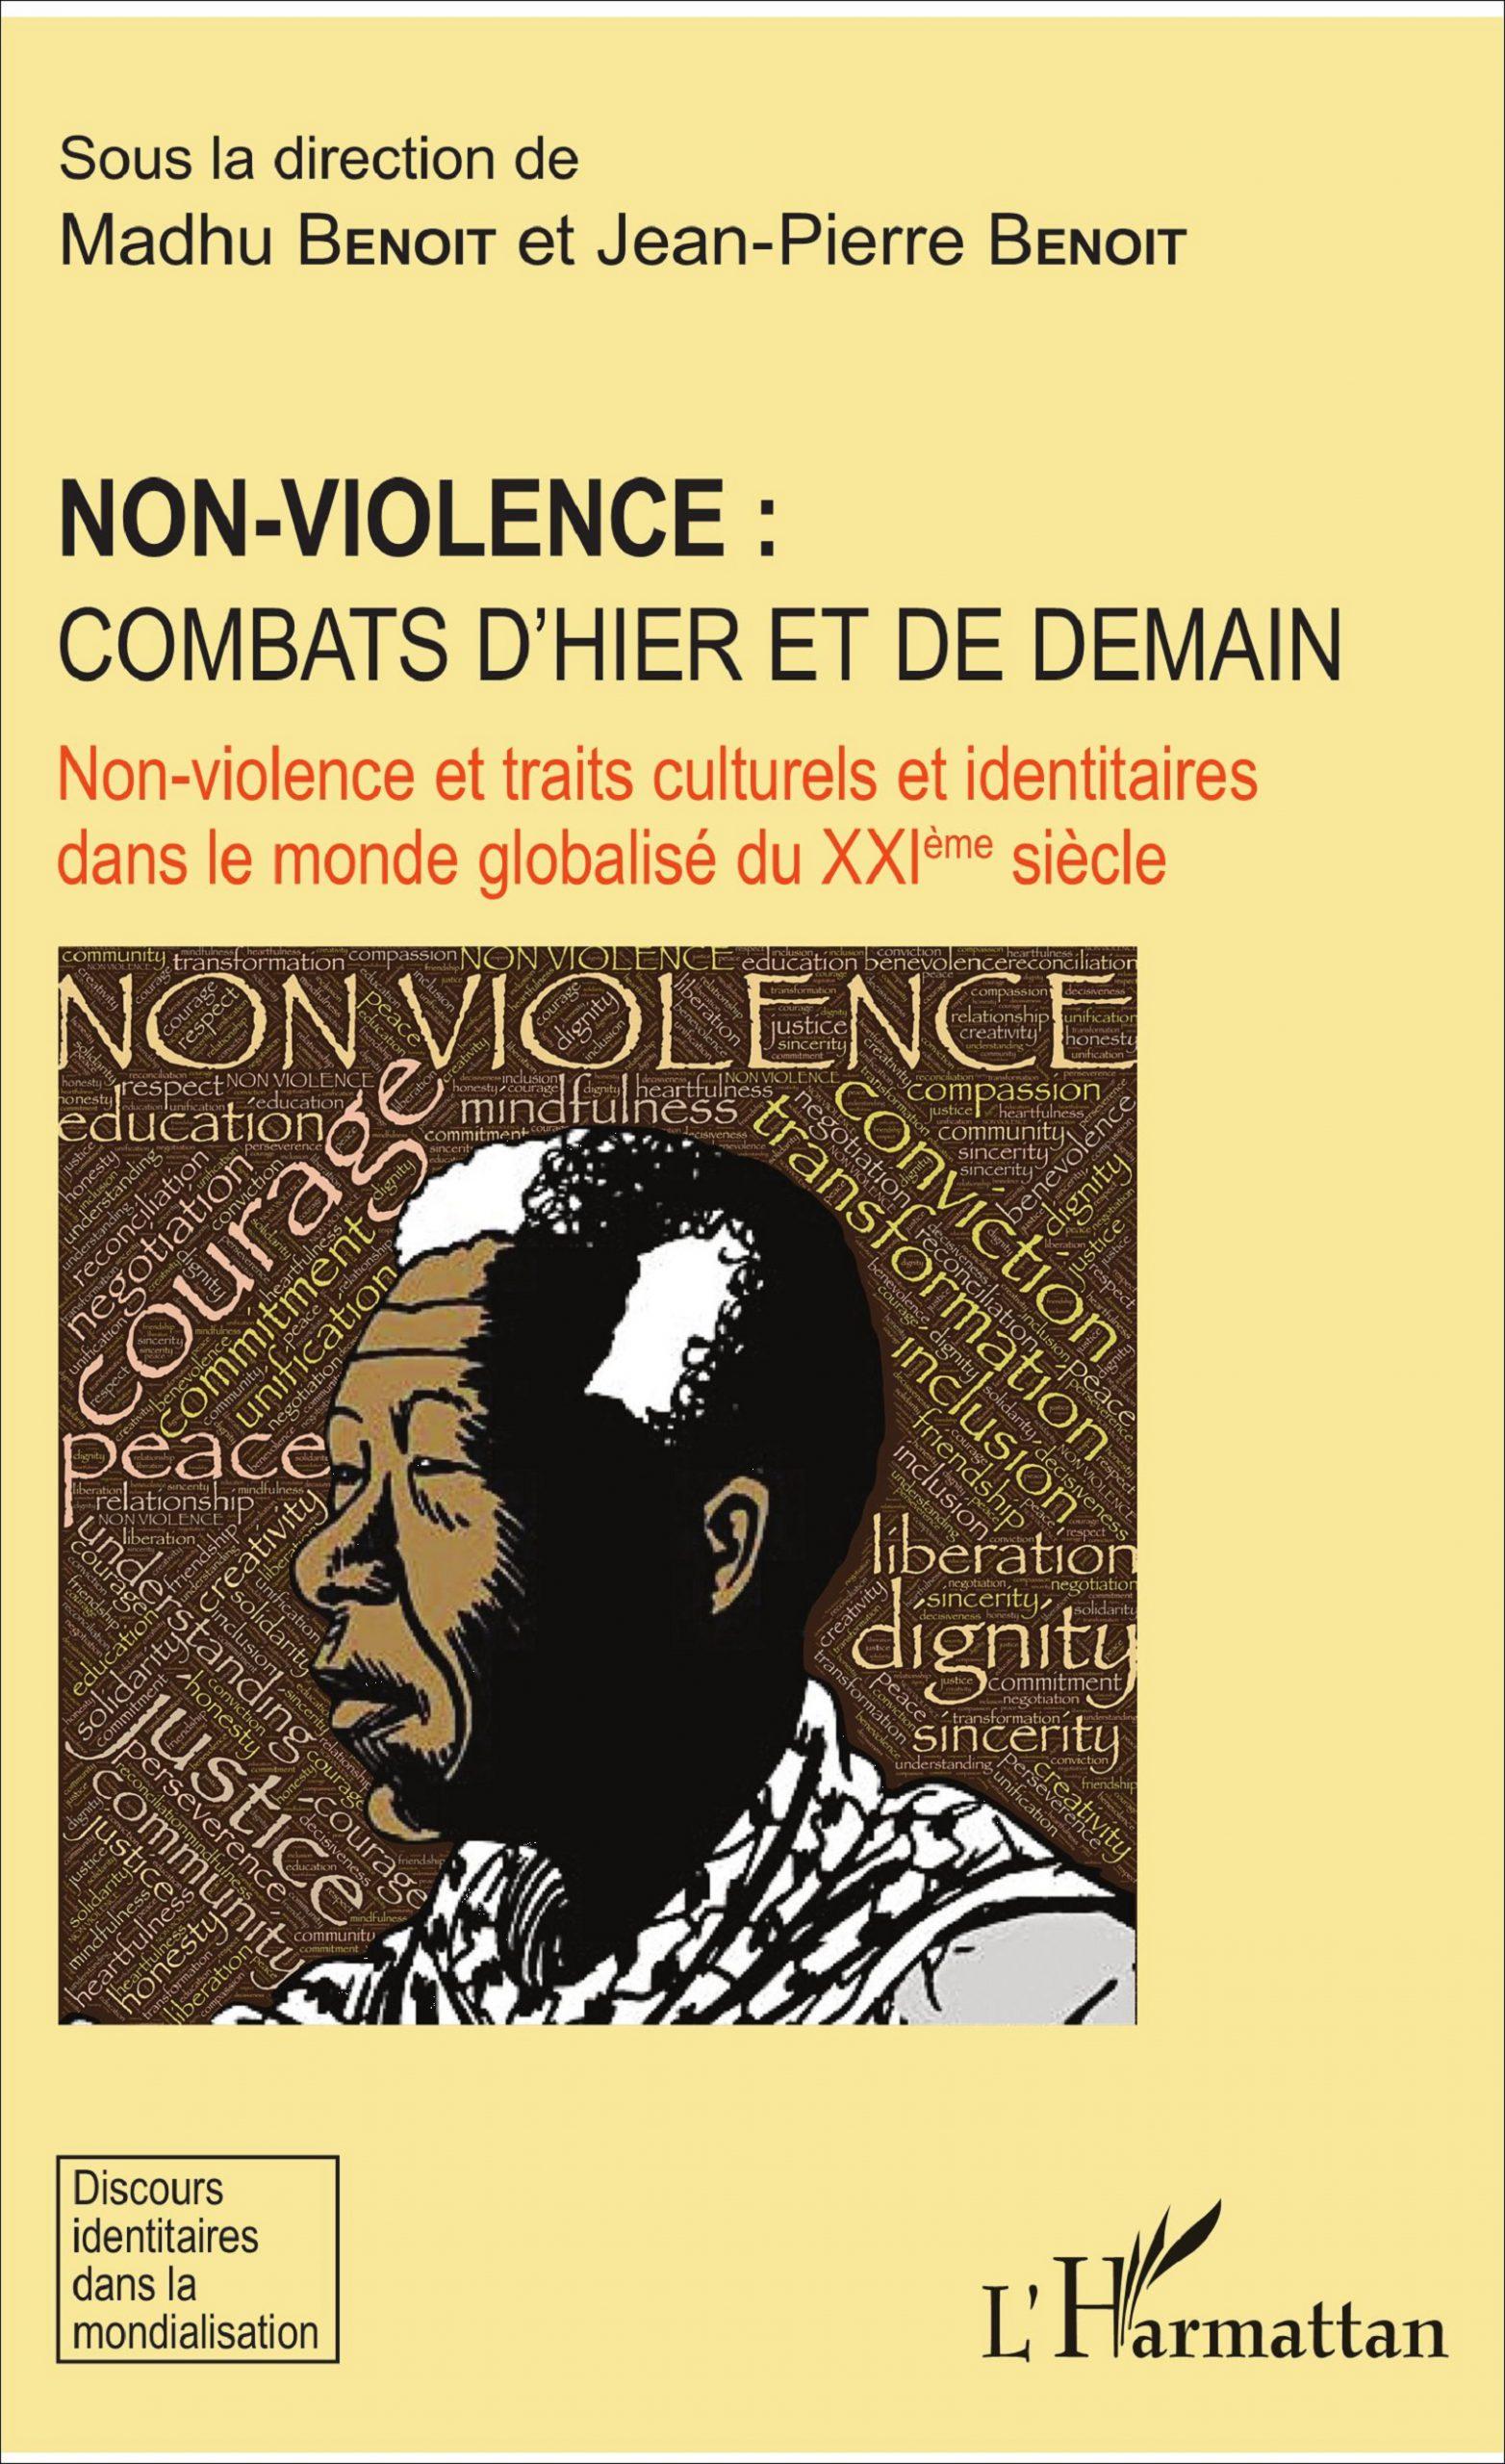 Non violence: combats d'hier et de demain